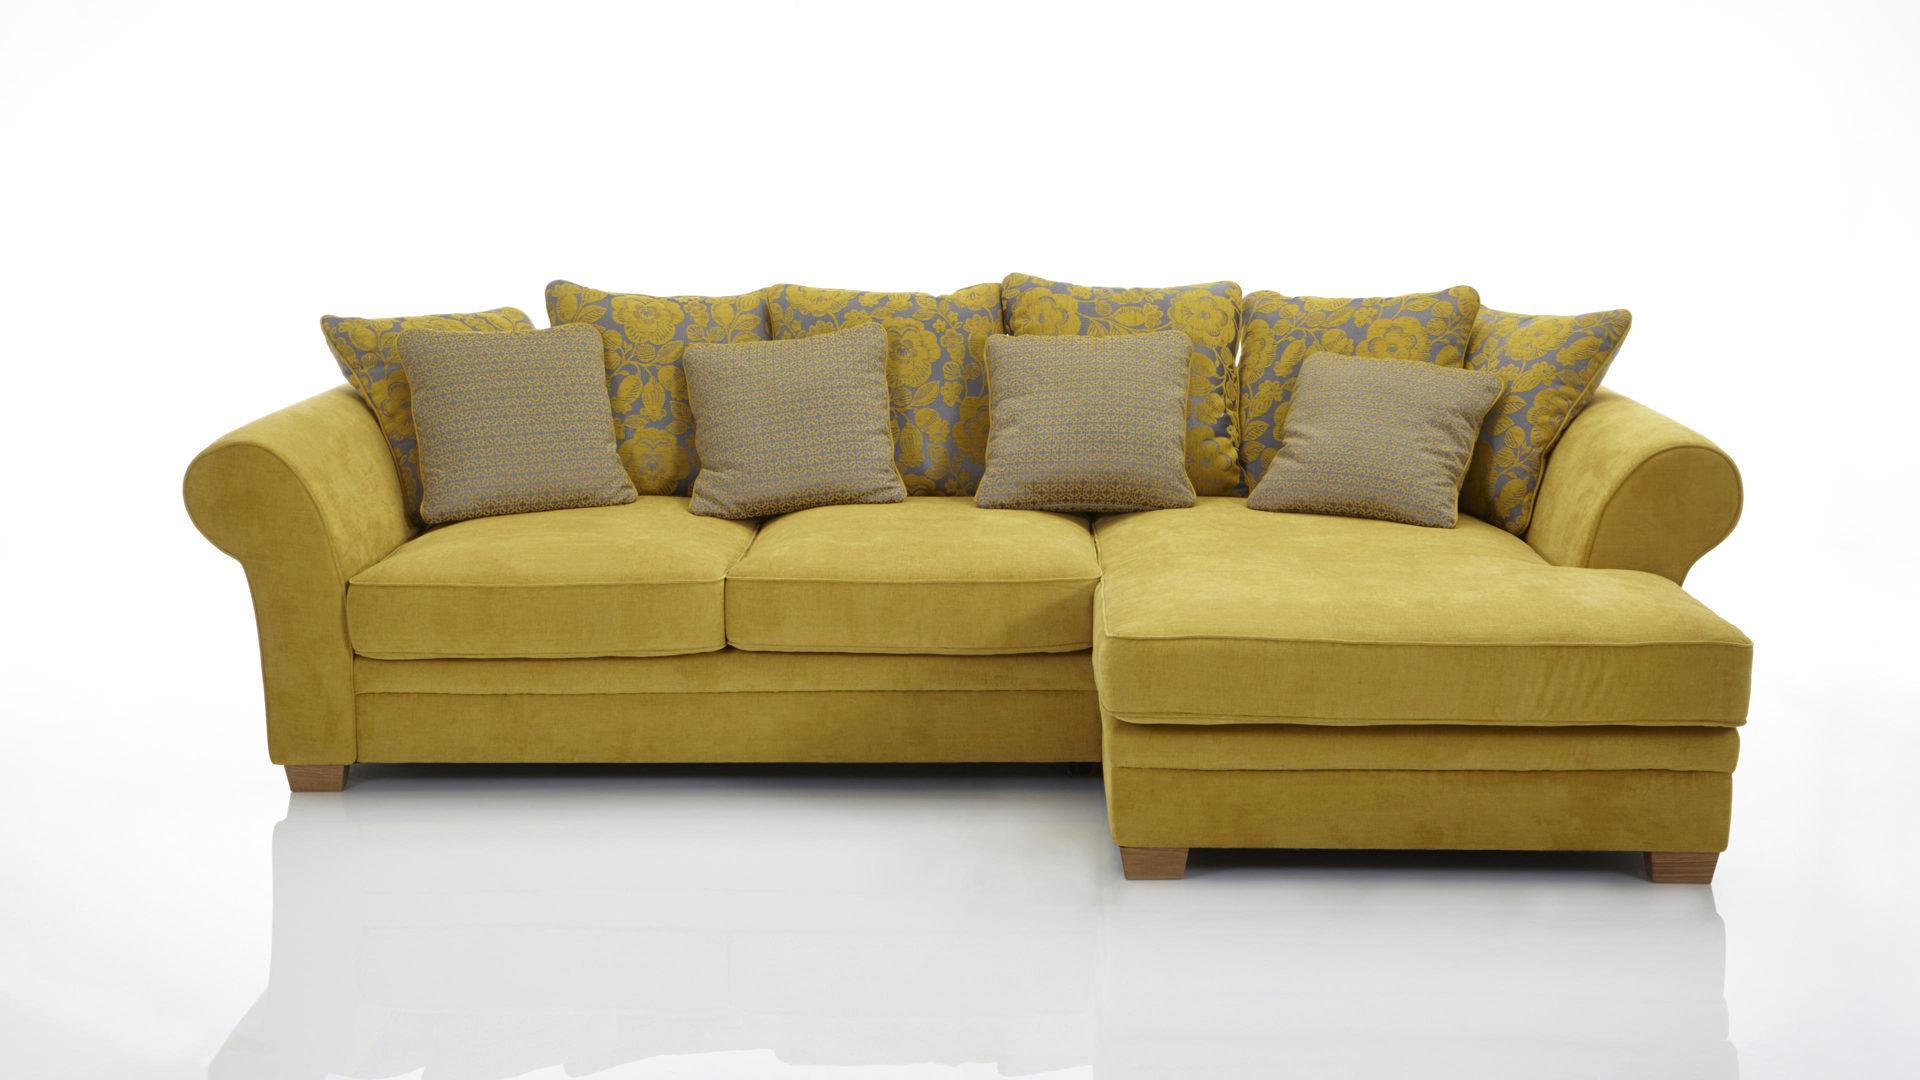 Möbel Hugelmann Lahr | Räume | Wohnzimmer | Sofas + Couches ...